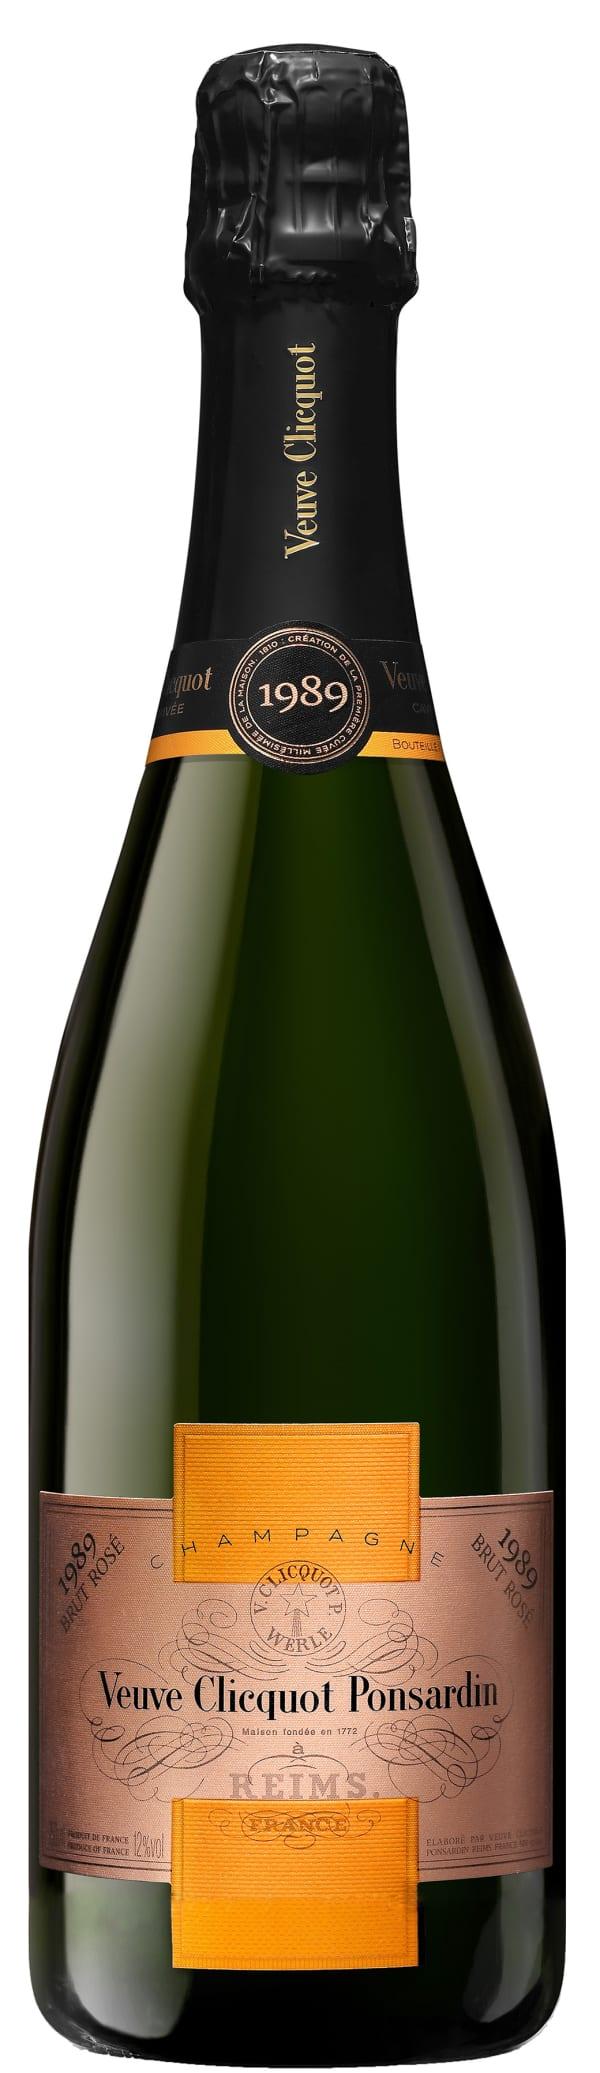 Veuve Clicquot Cave Priveé Rosé Champagne Brut 1989